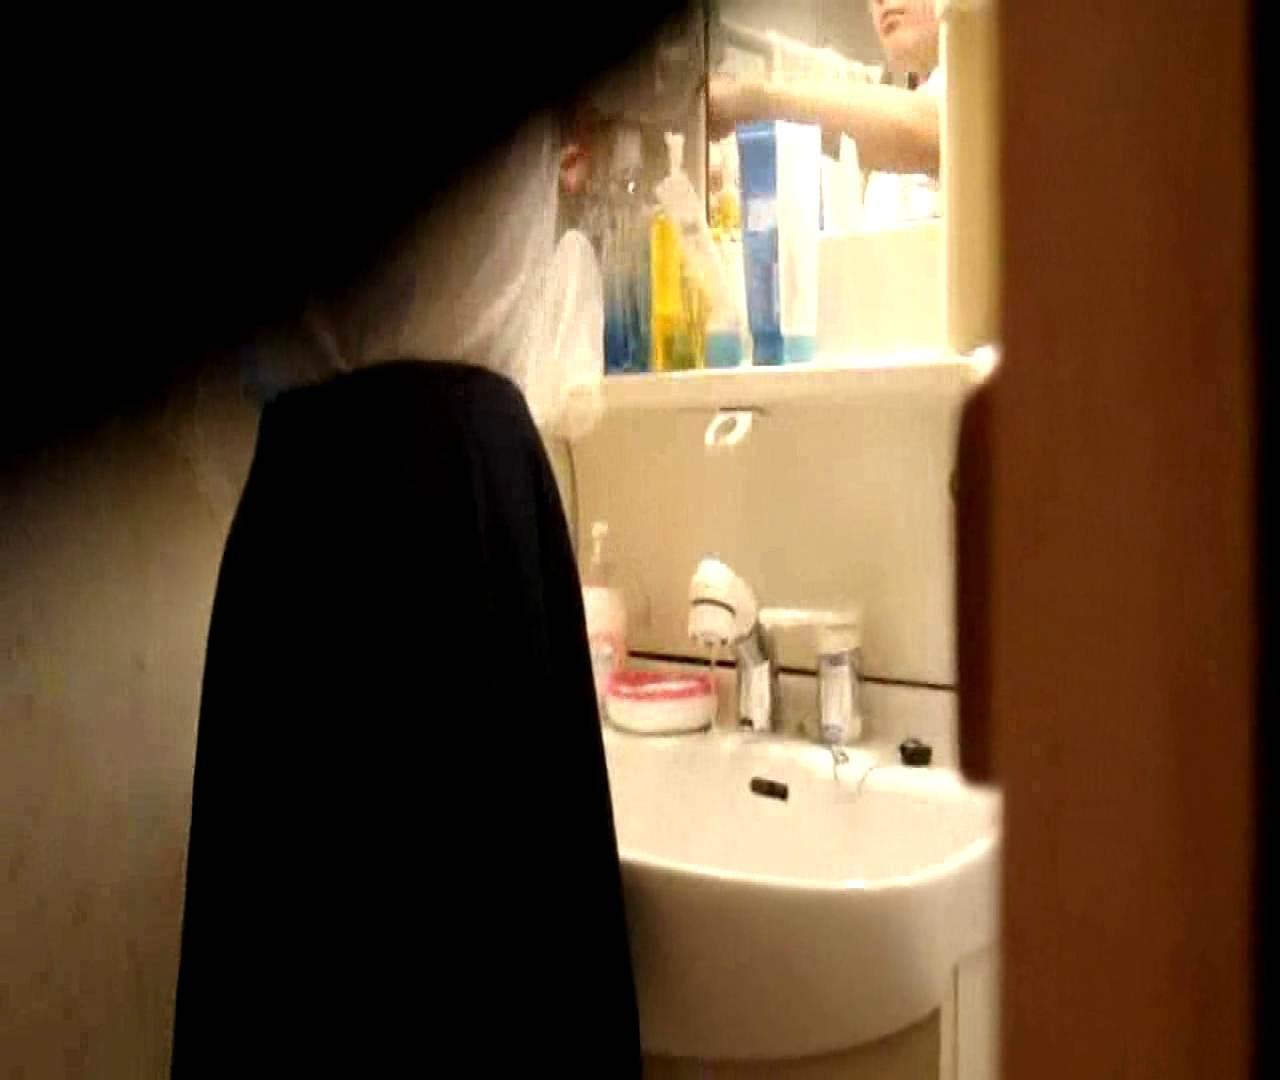 二人とも育てた甲斐がありました… vol.05 まどかが洗顔後にブラを洗濯 HなOL | 0  98pic 57